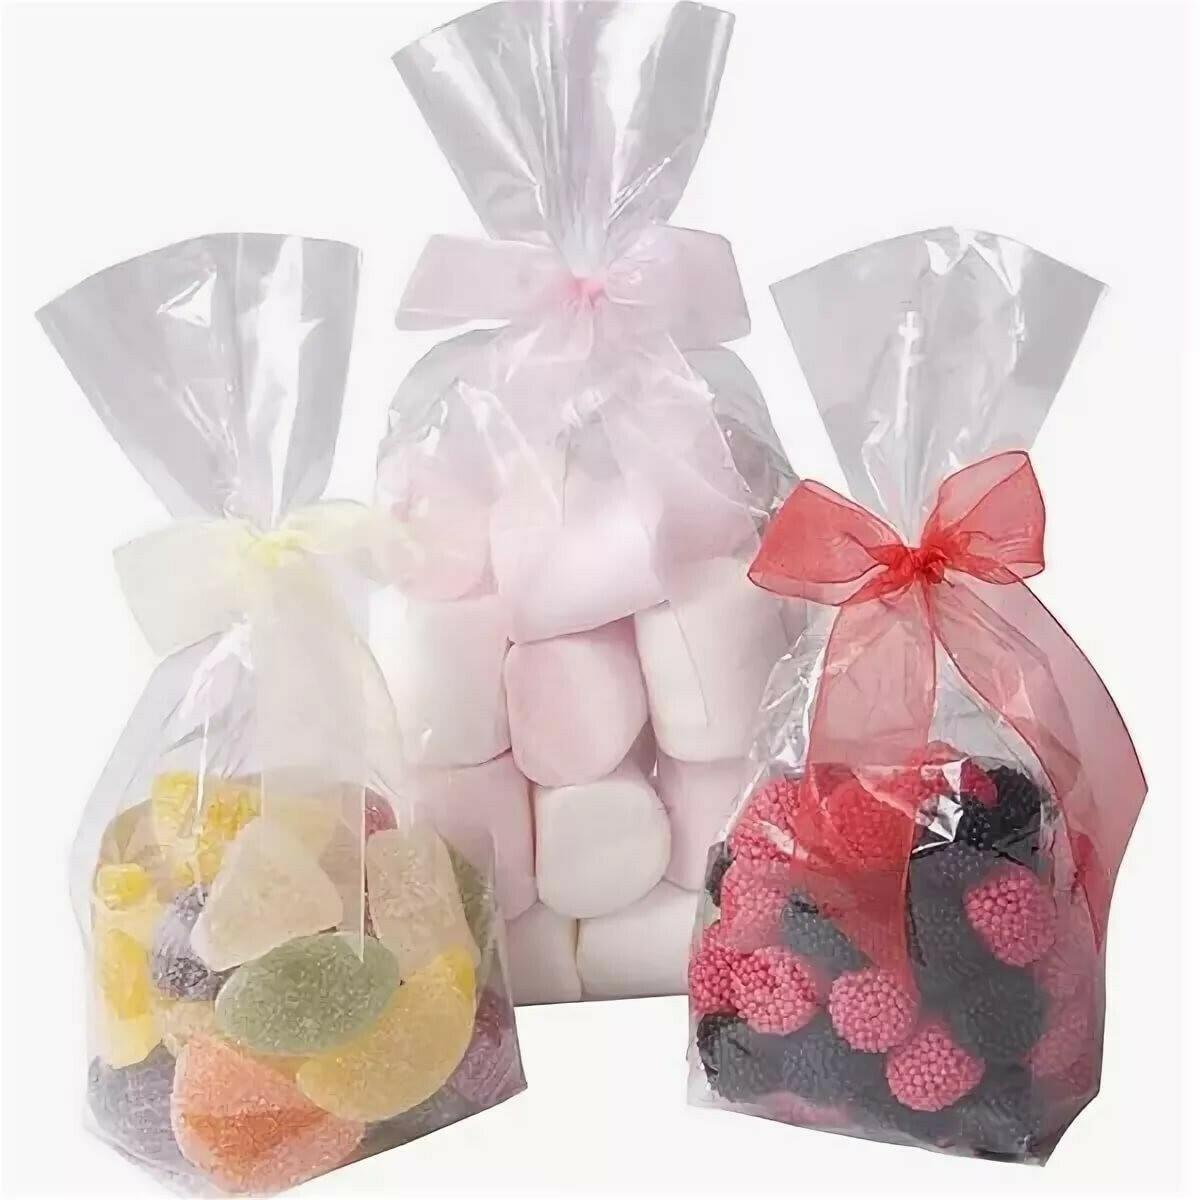 Пакет для сладостей/куличей 15х28 (с донной складкой) 5 шт.